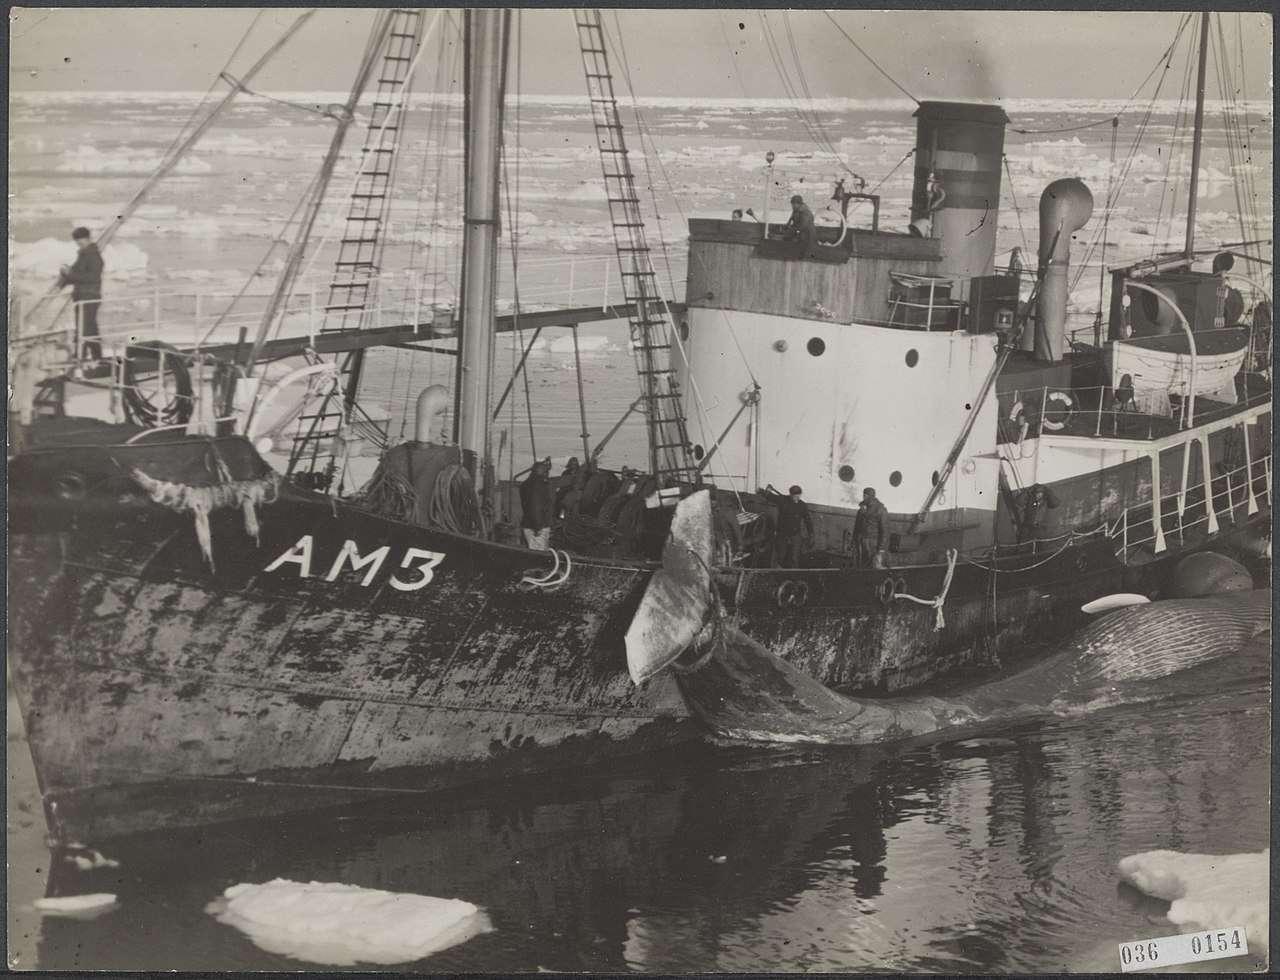 Whaling ship, 1947